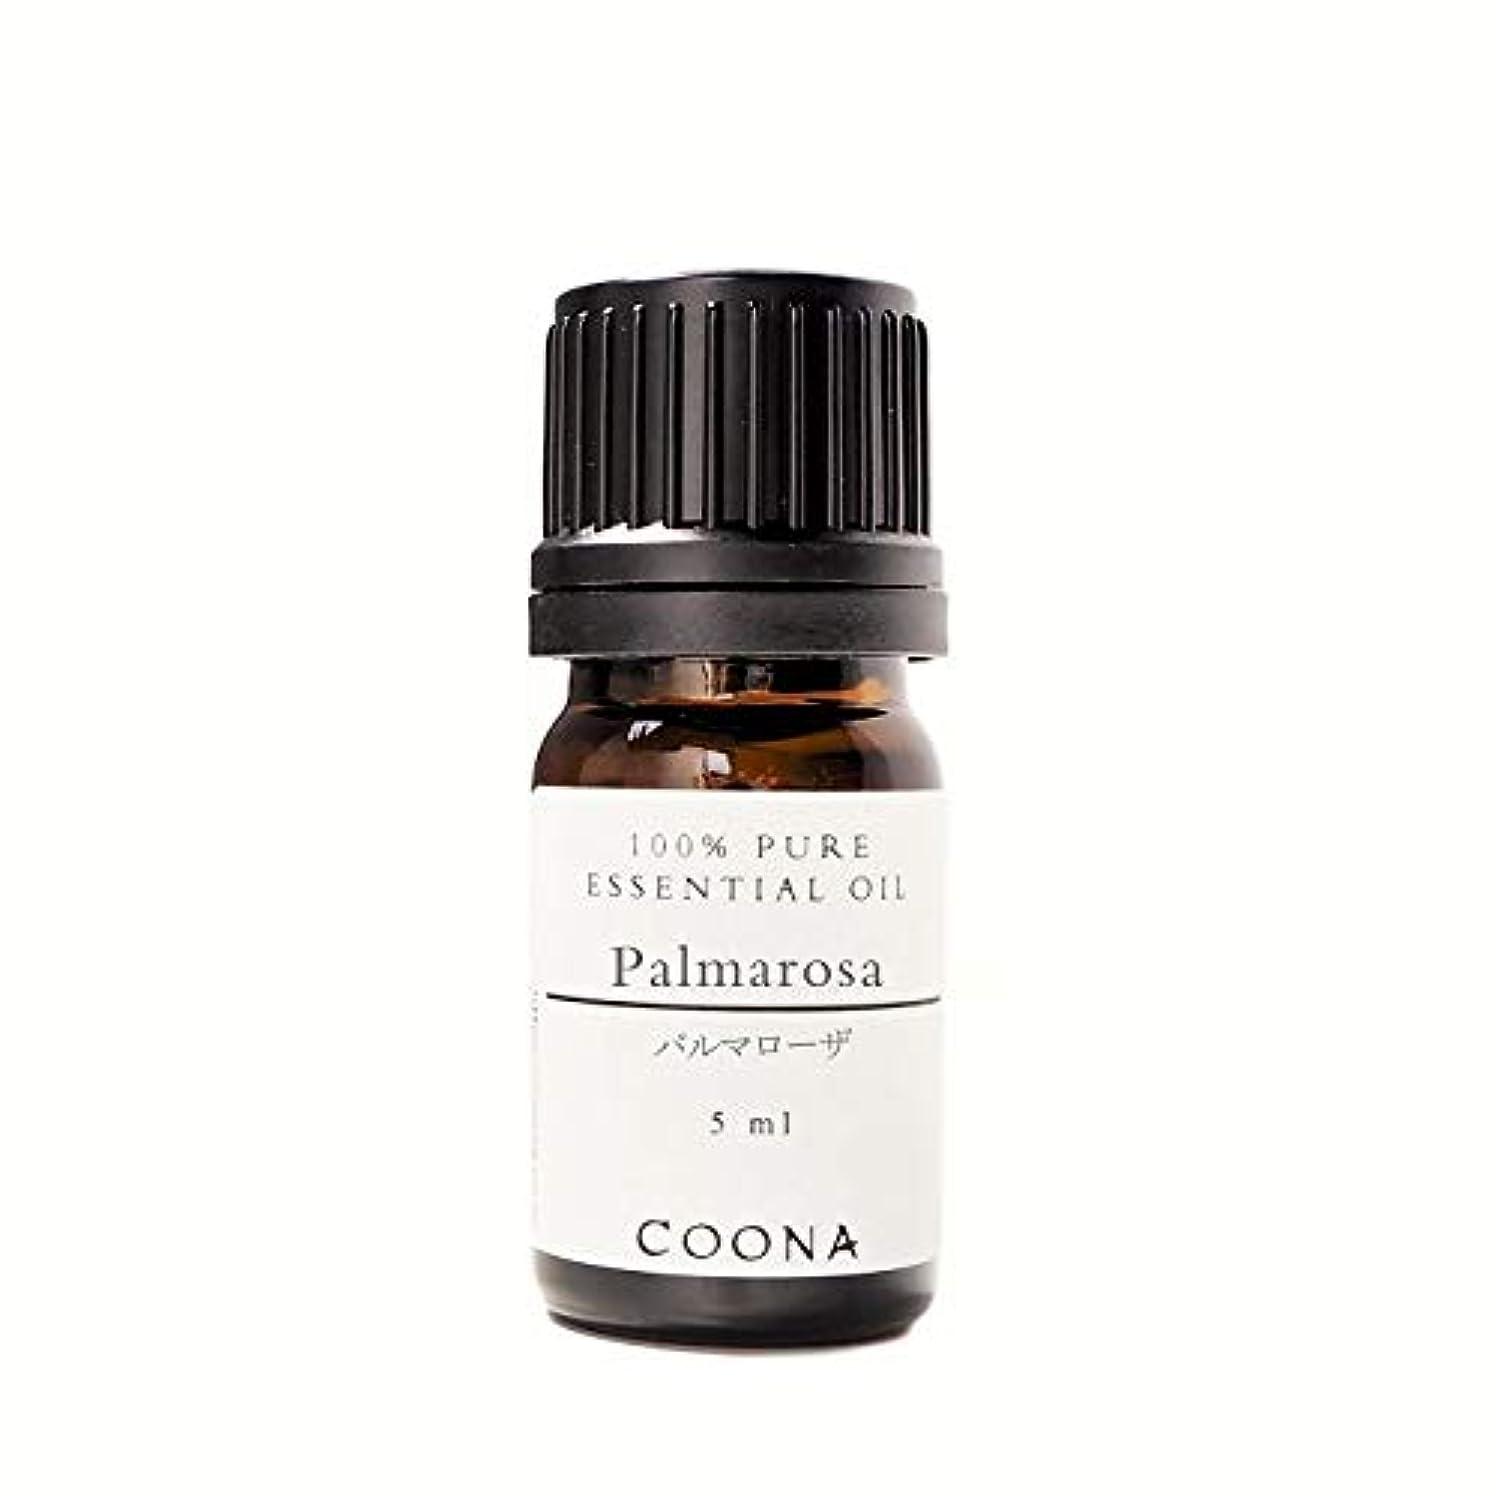 セグメント敬意正確なパルマローザ 5 ml (COONA エッセンシャルオイル アロマオイル 100%天然植物精油)